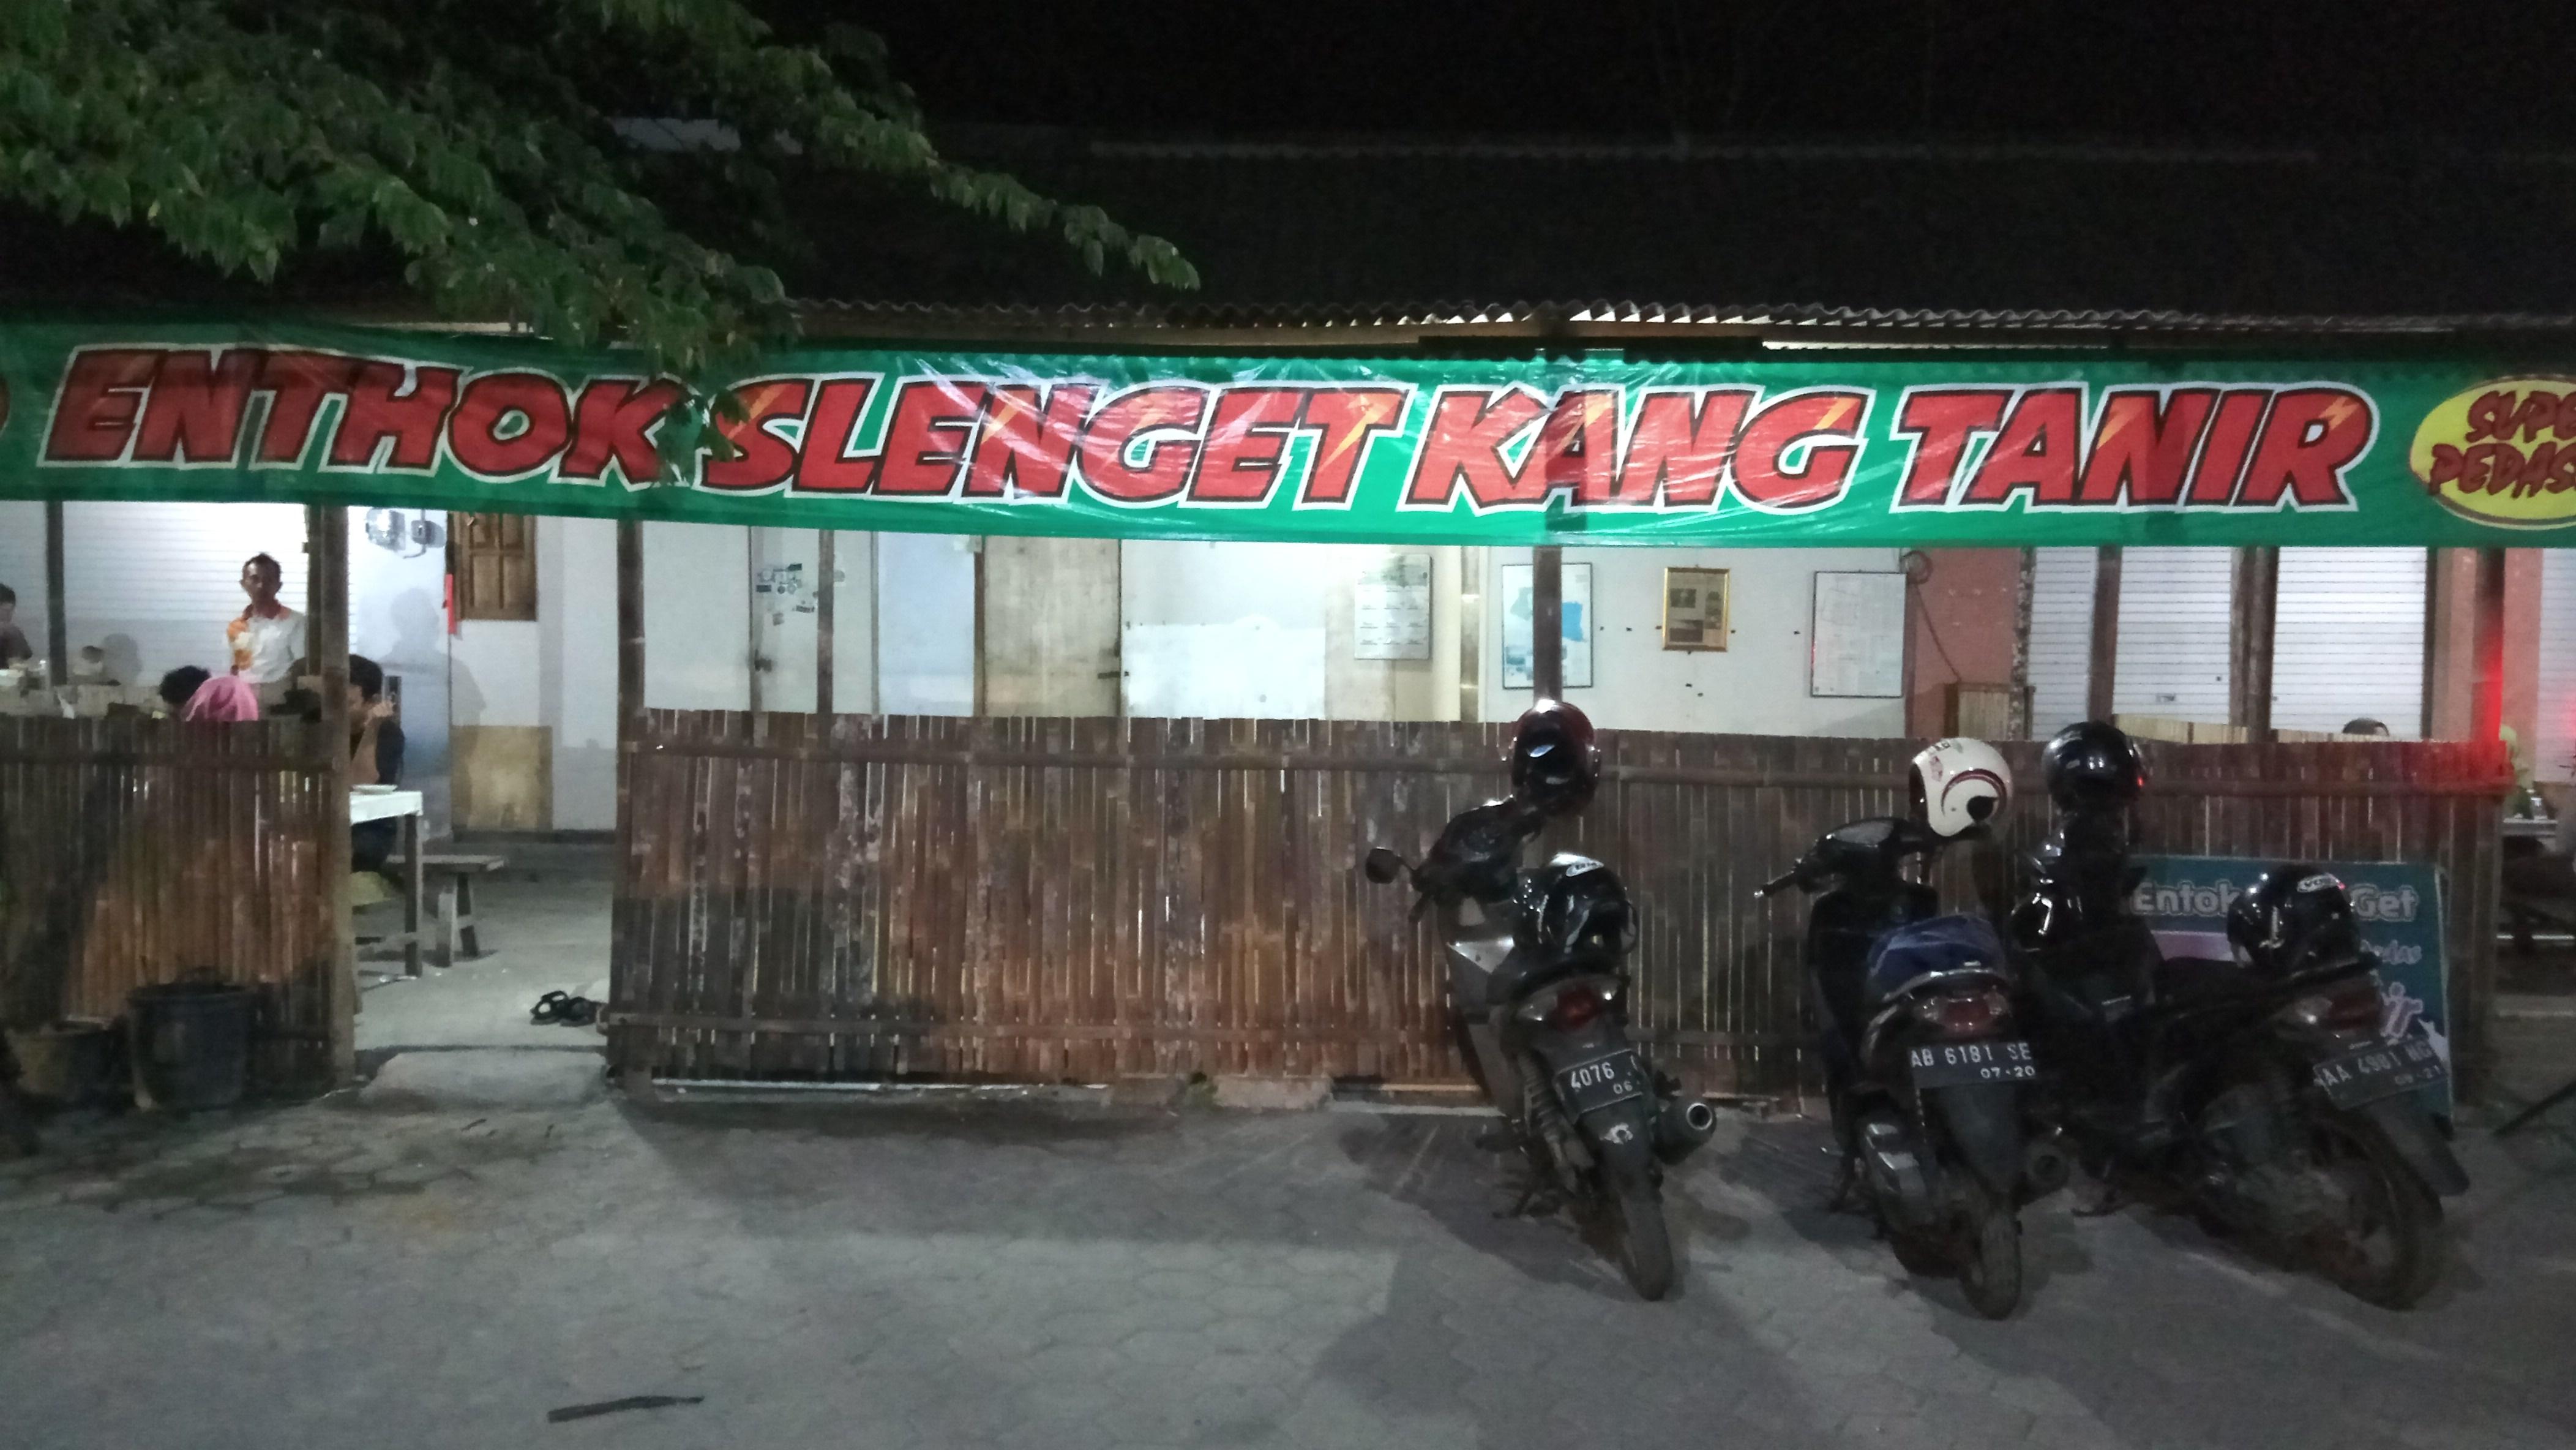 Entok Slenget Kang Tanir